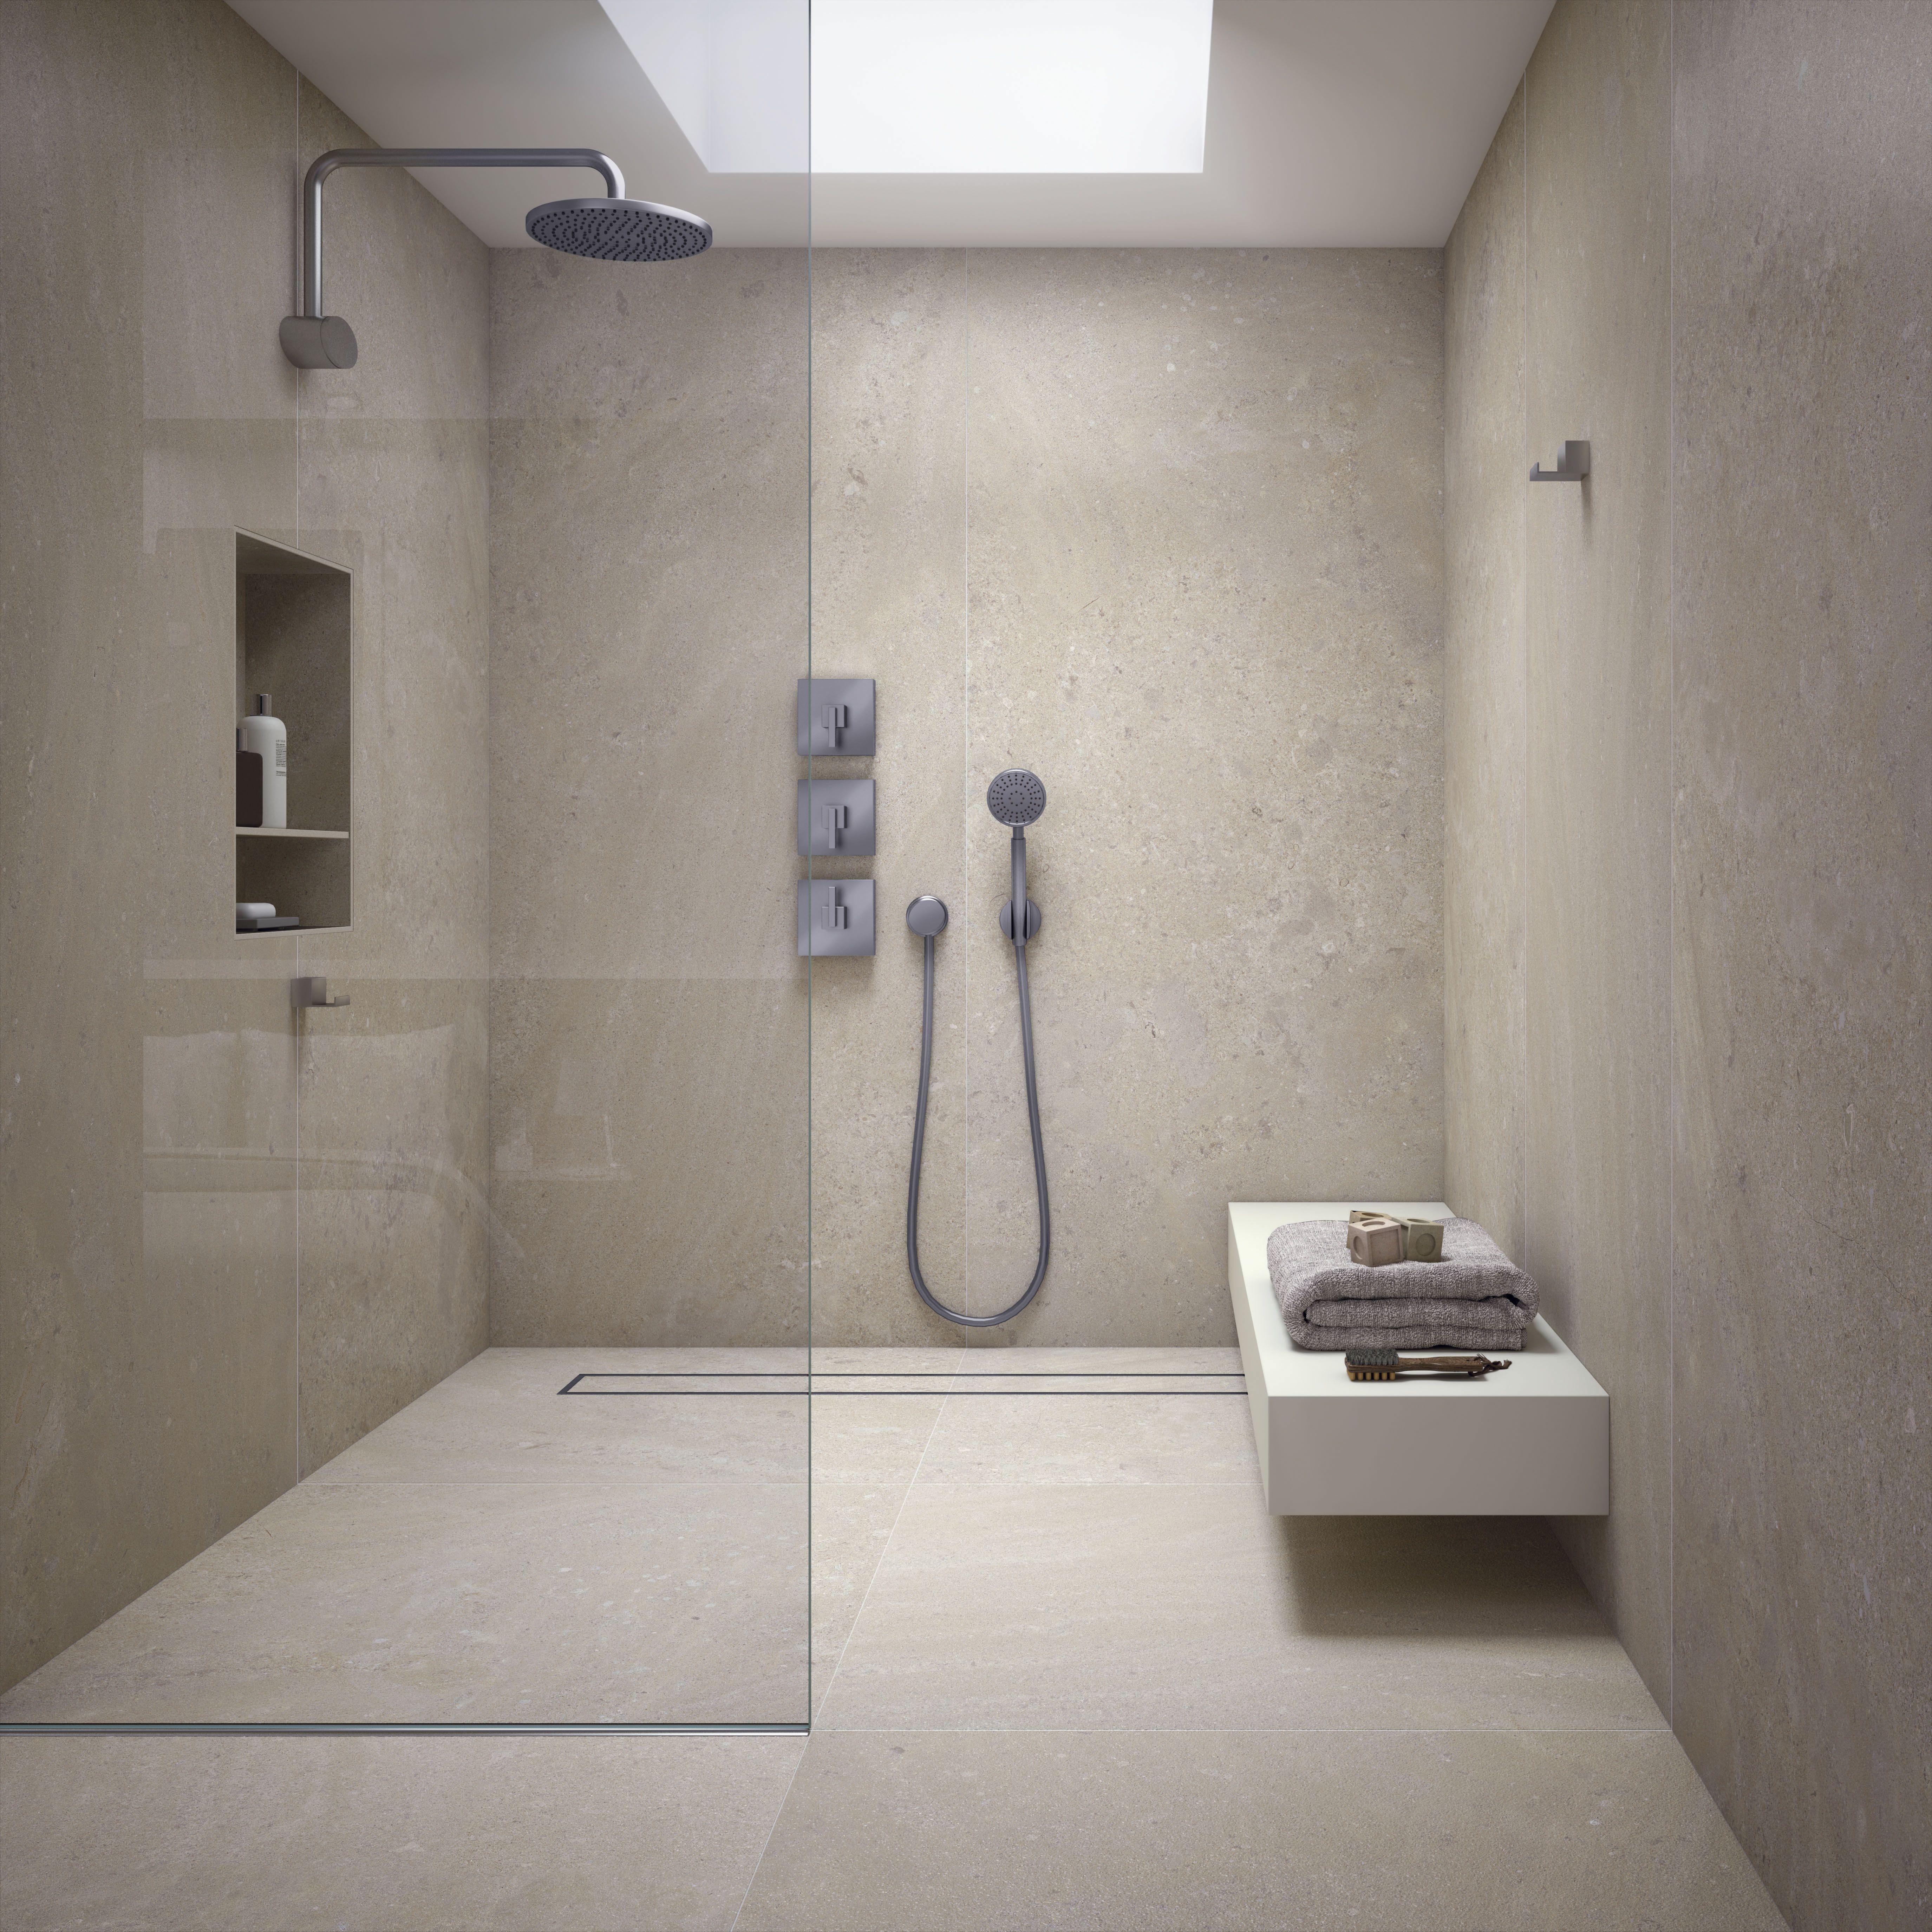 Fugenfreie Duschen Mit Grossformatigen Platten Fugenloses Bad Badezimmer Dusche